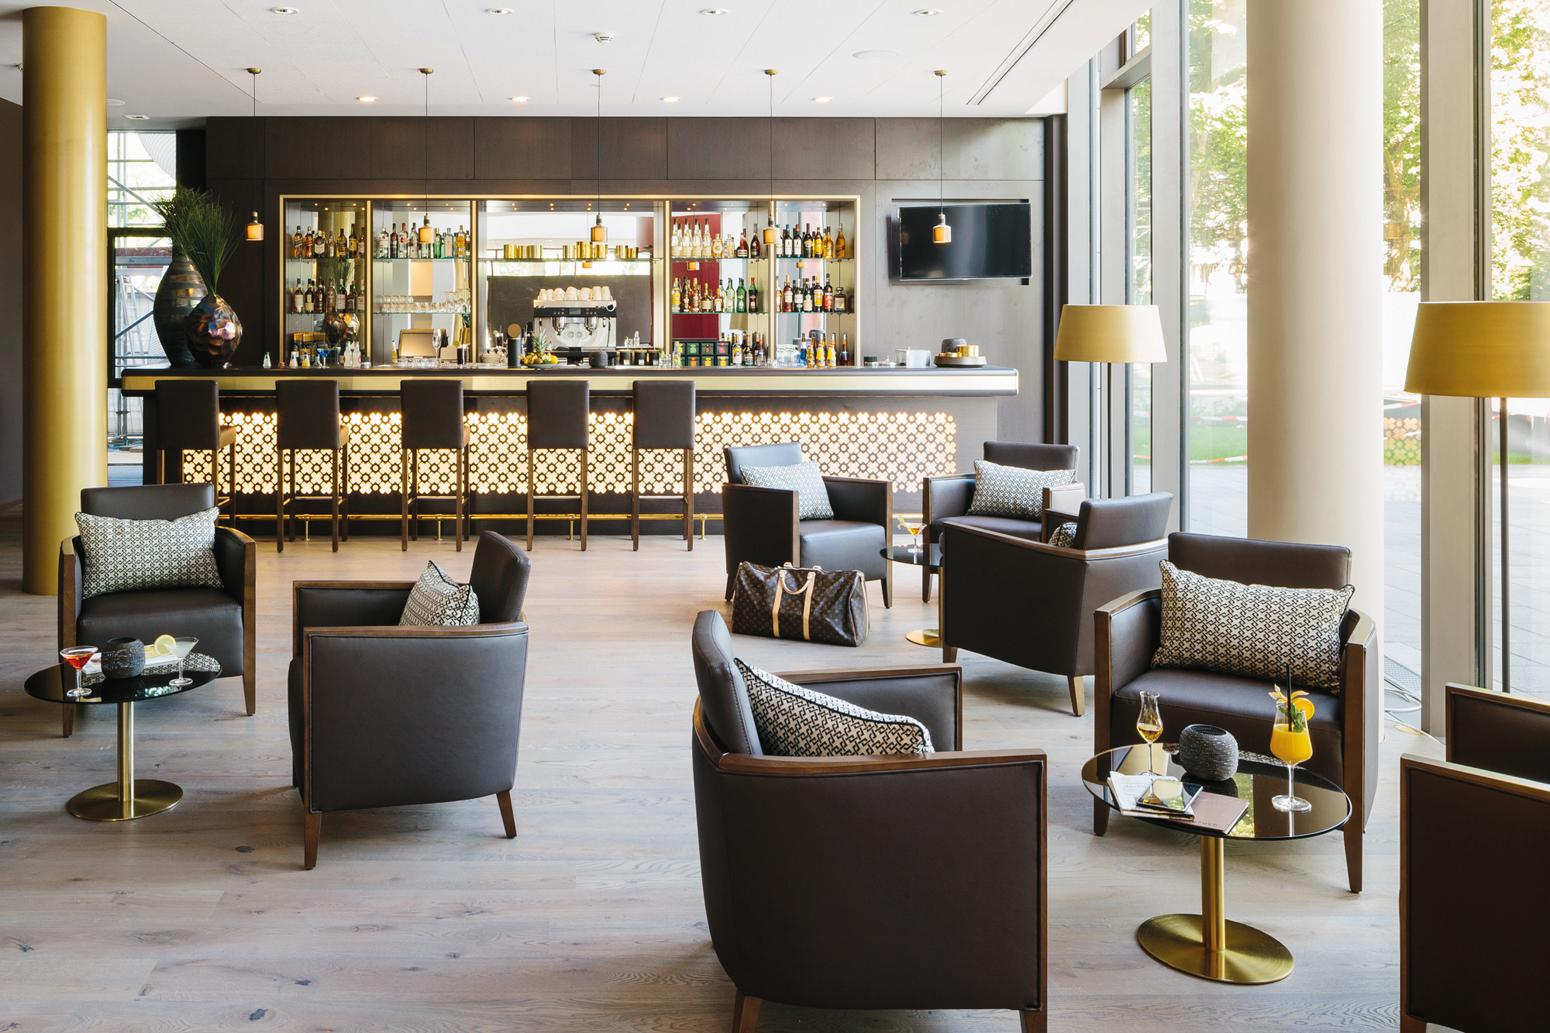 Hotellobby: Orientalisch anmutende Applikation im klassischen Stil.